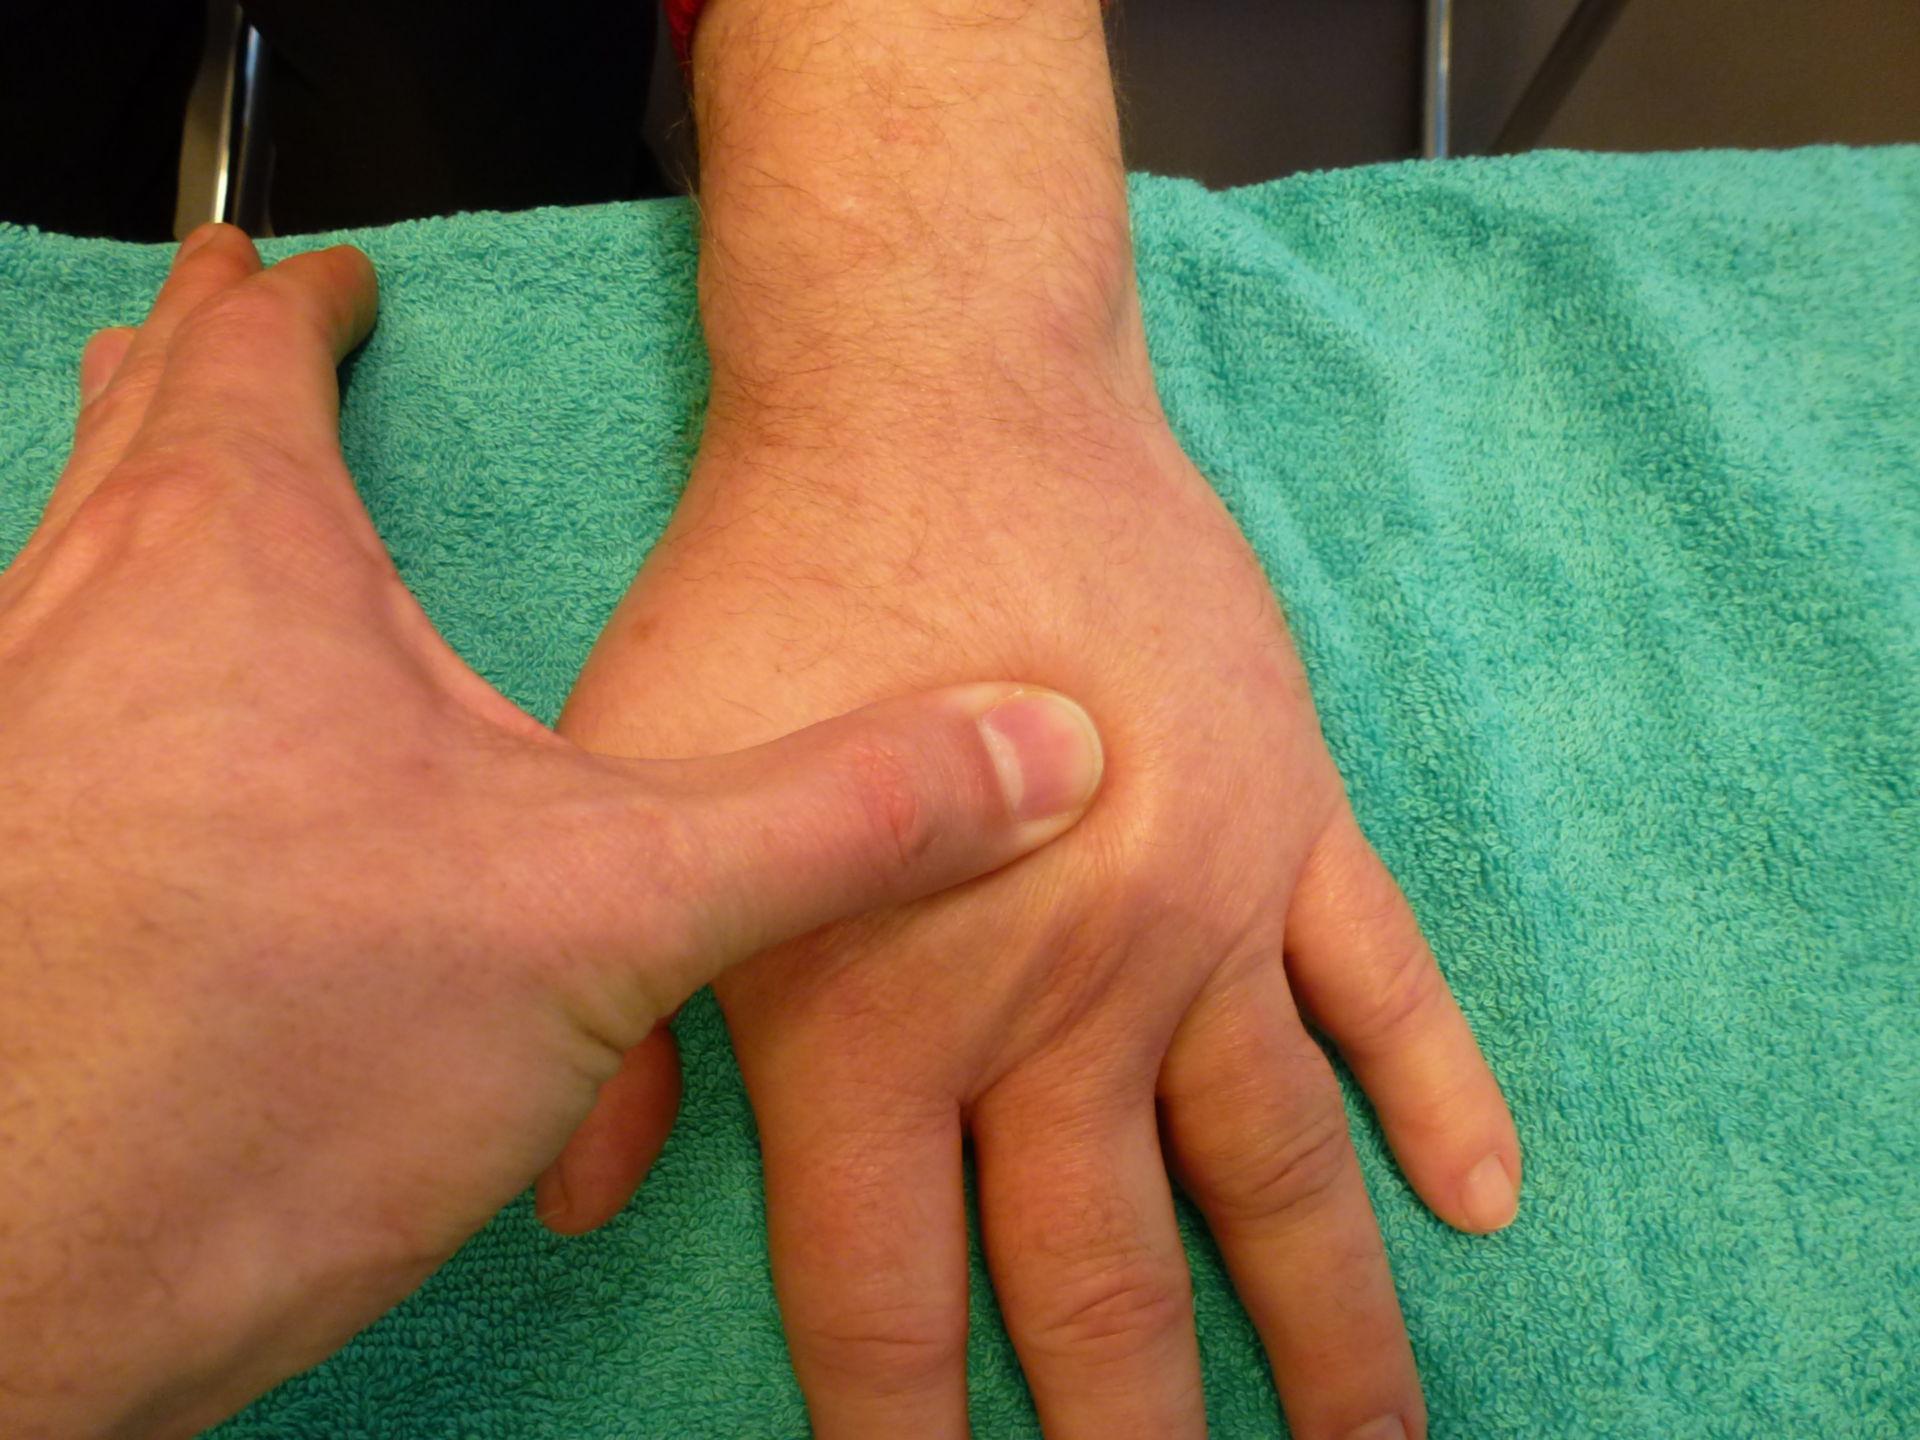 Pitting edema (2)